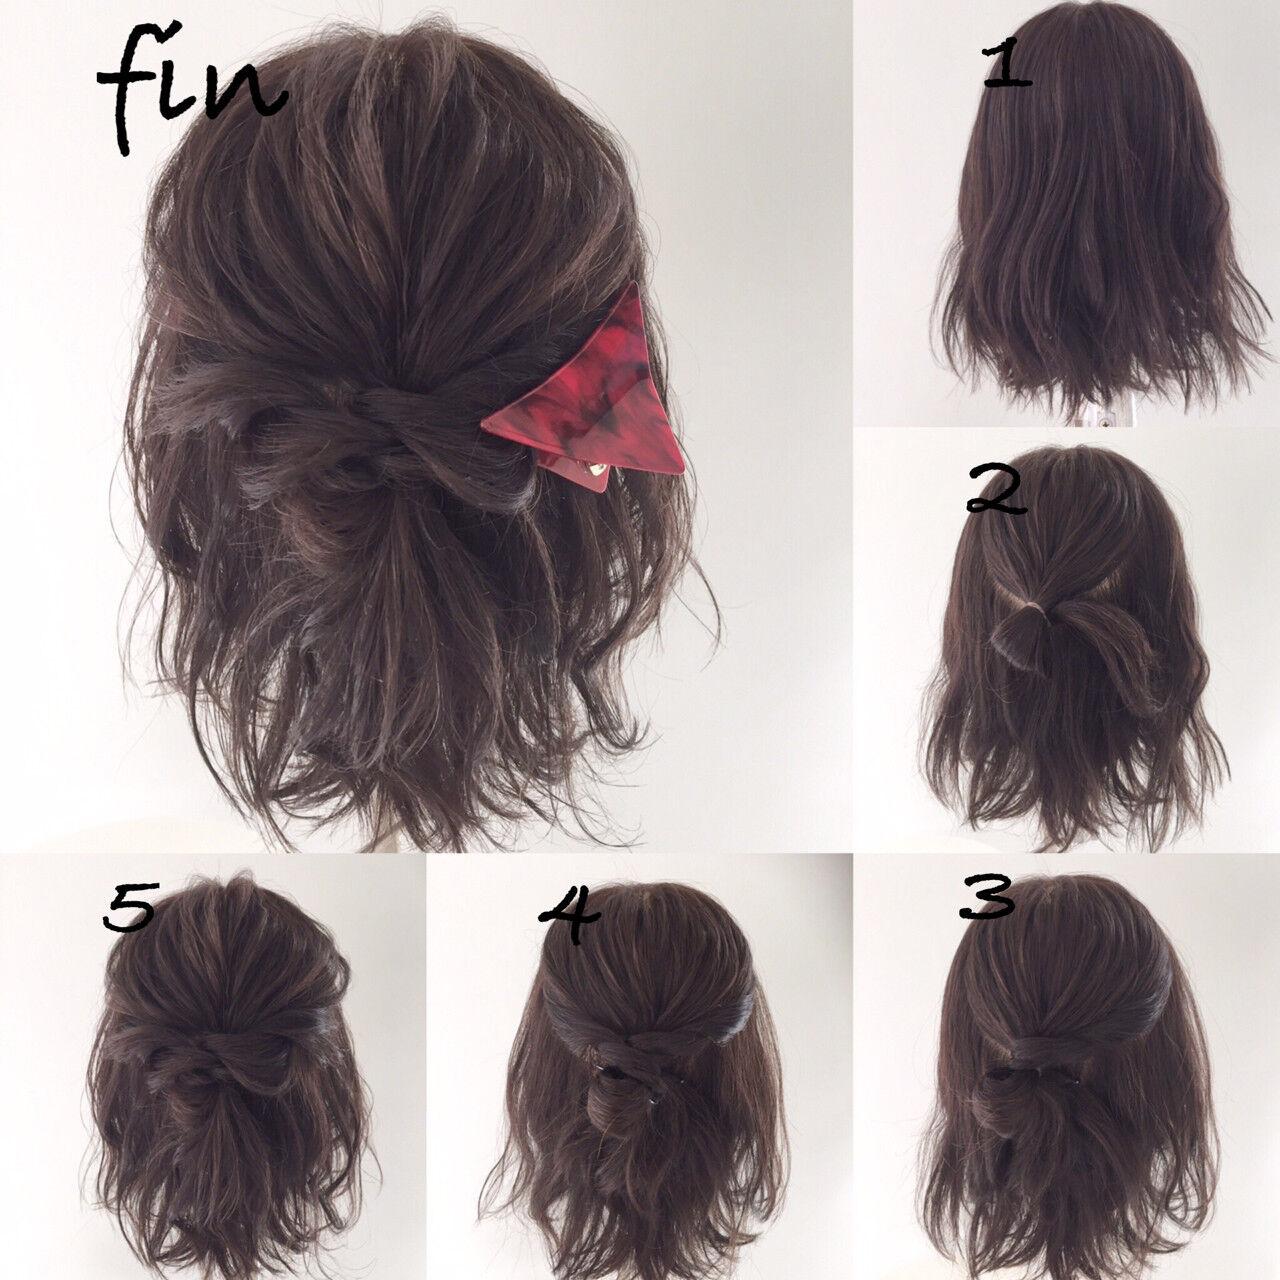 ヘアアレンジ ハーフアップ 簡単ヘアアレンジ ショートヘアスタイルや髪型の写真・画像